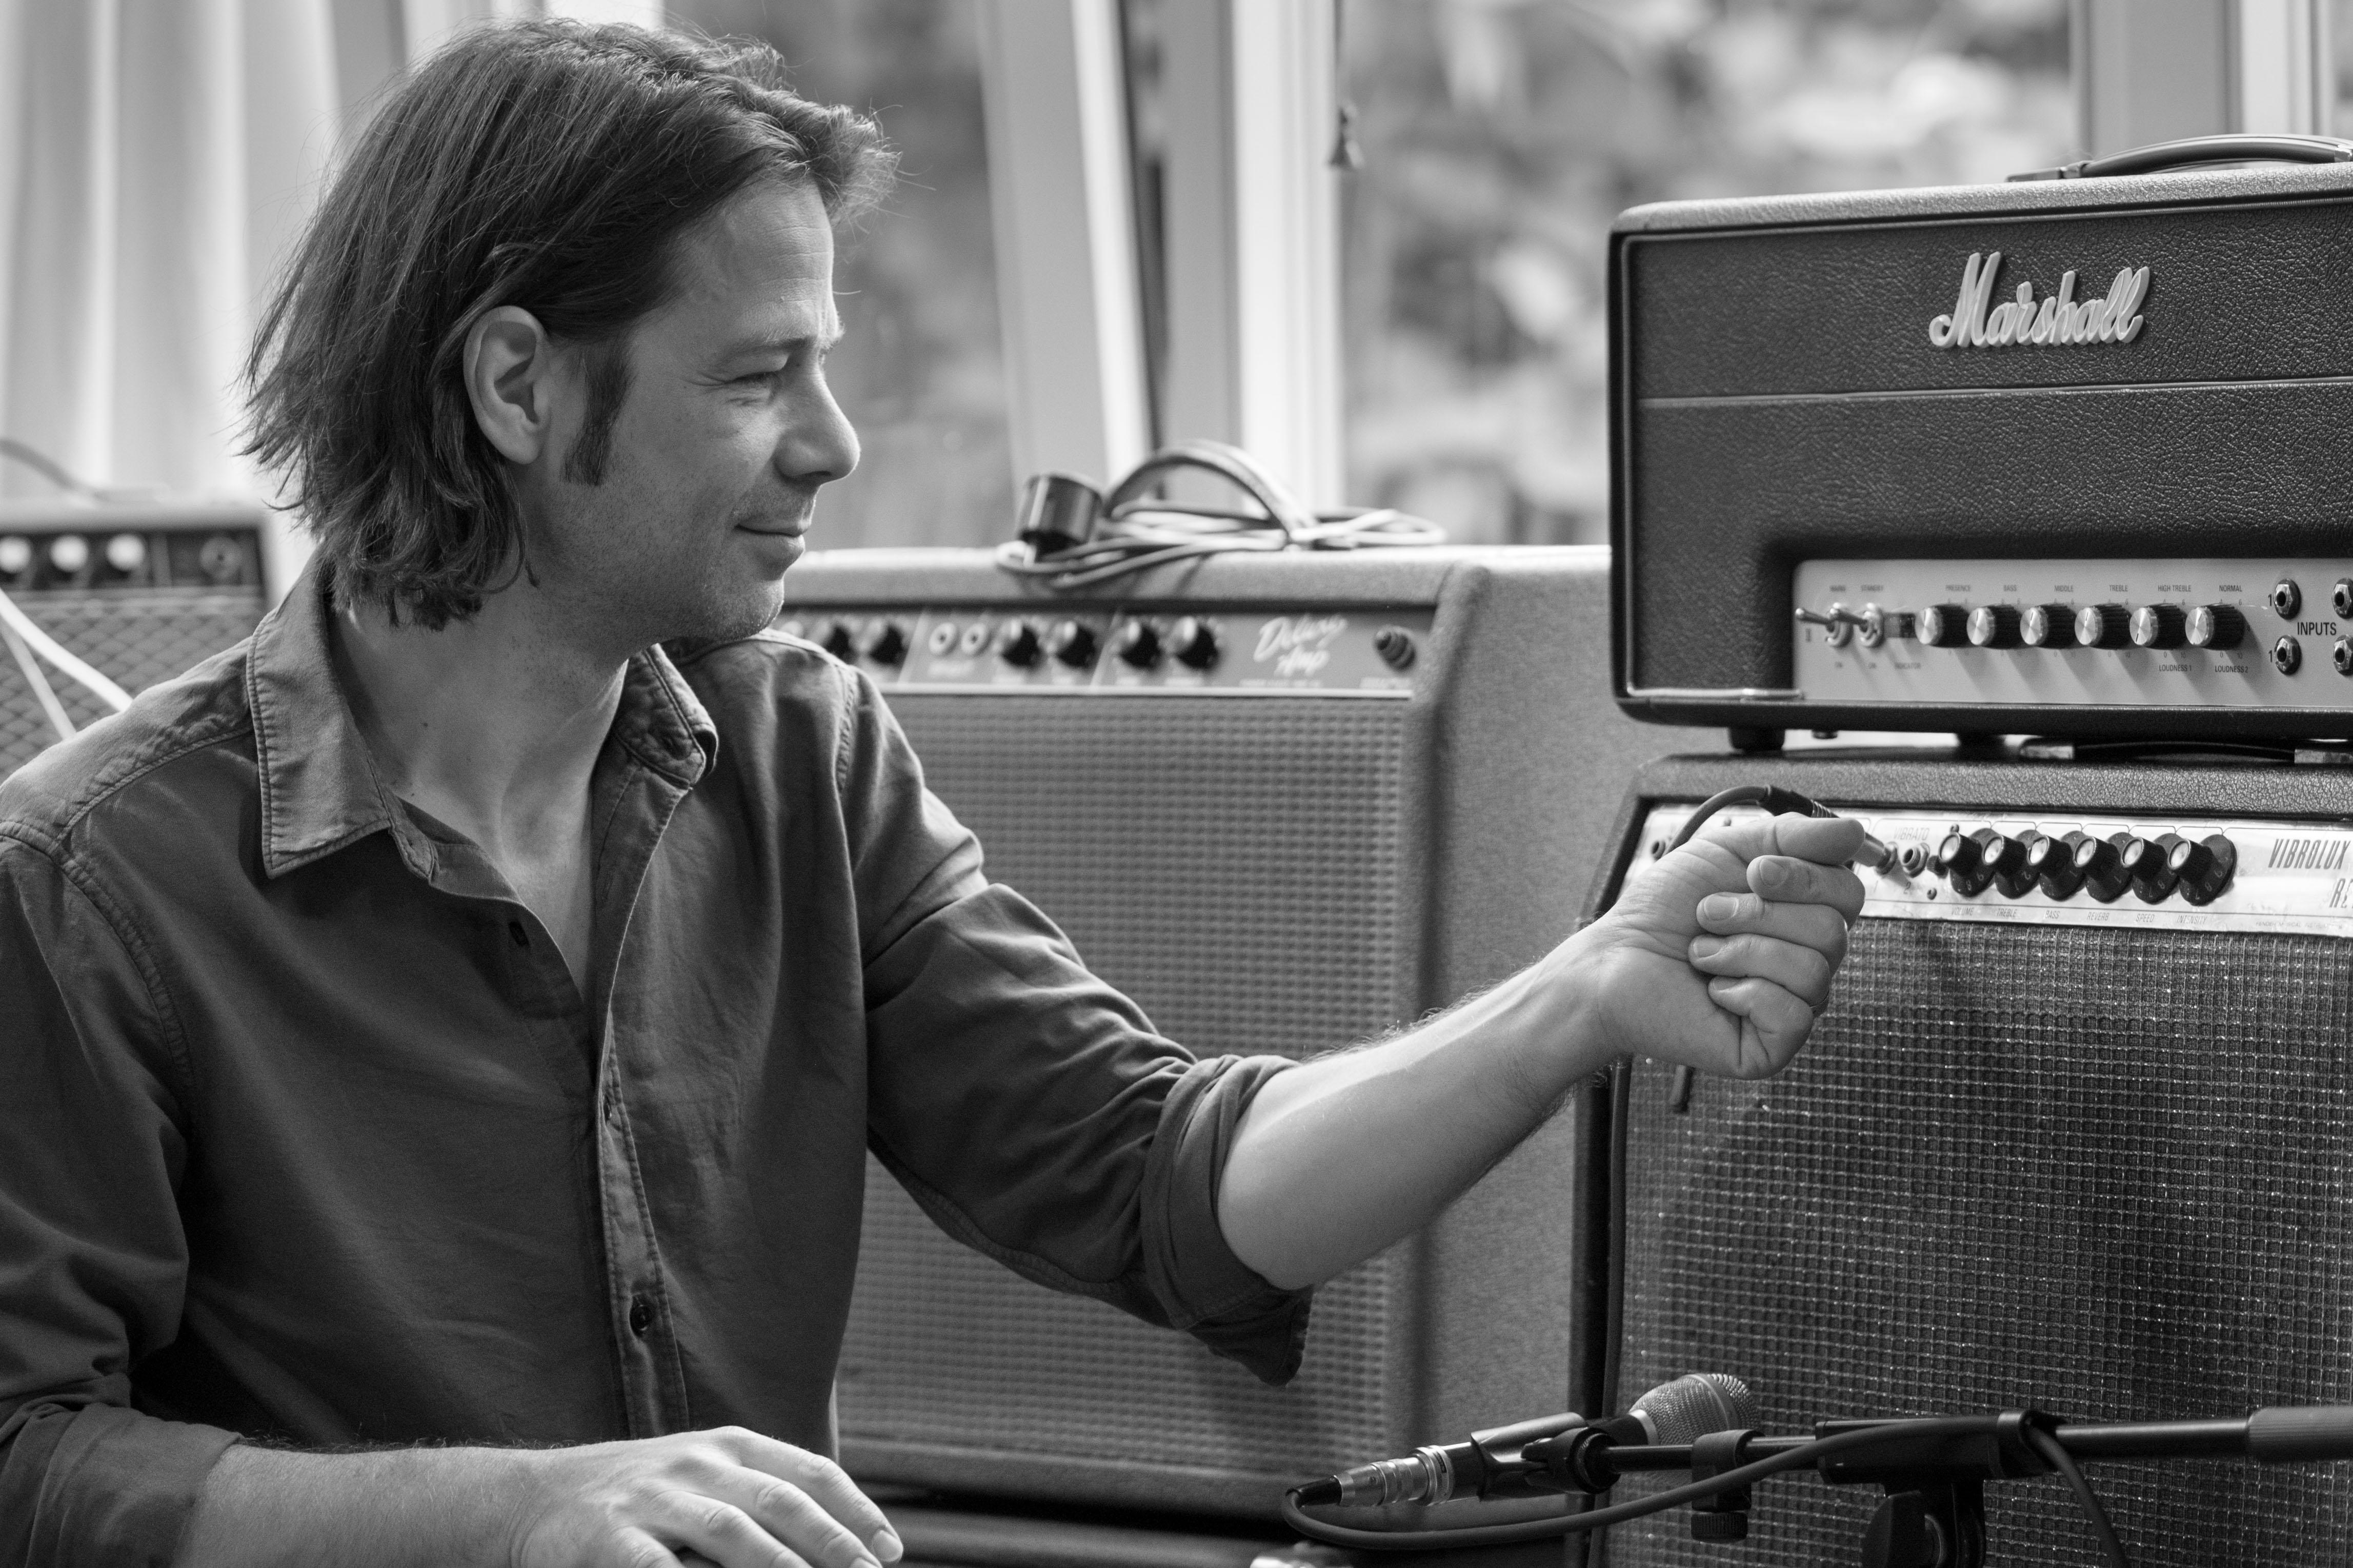 Principal Guitarist beim Musicalboulevard in Hamburg kommt aus Bergedorf! - Bergedorf: Blog HEIDI VOM LANDE